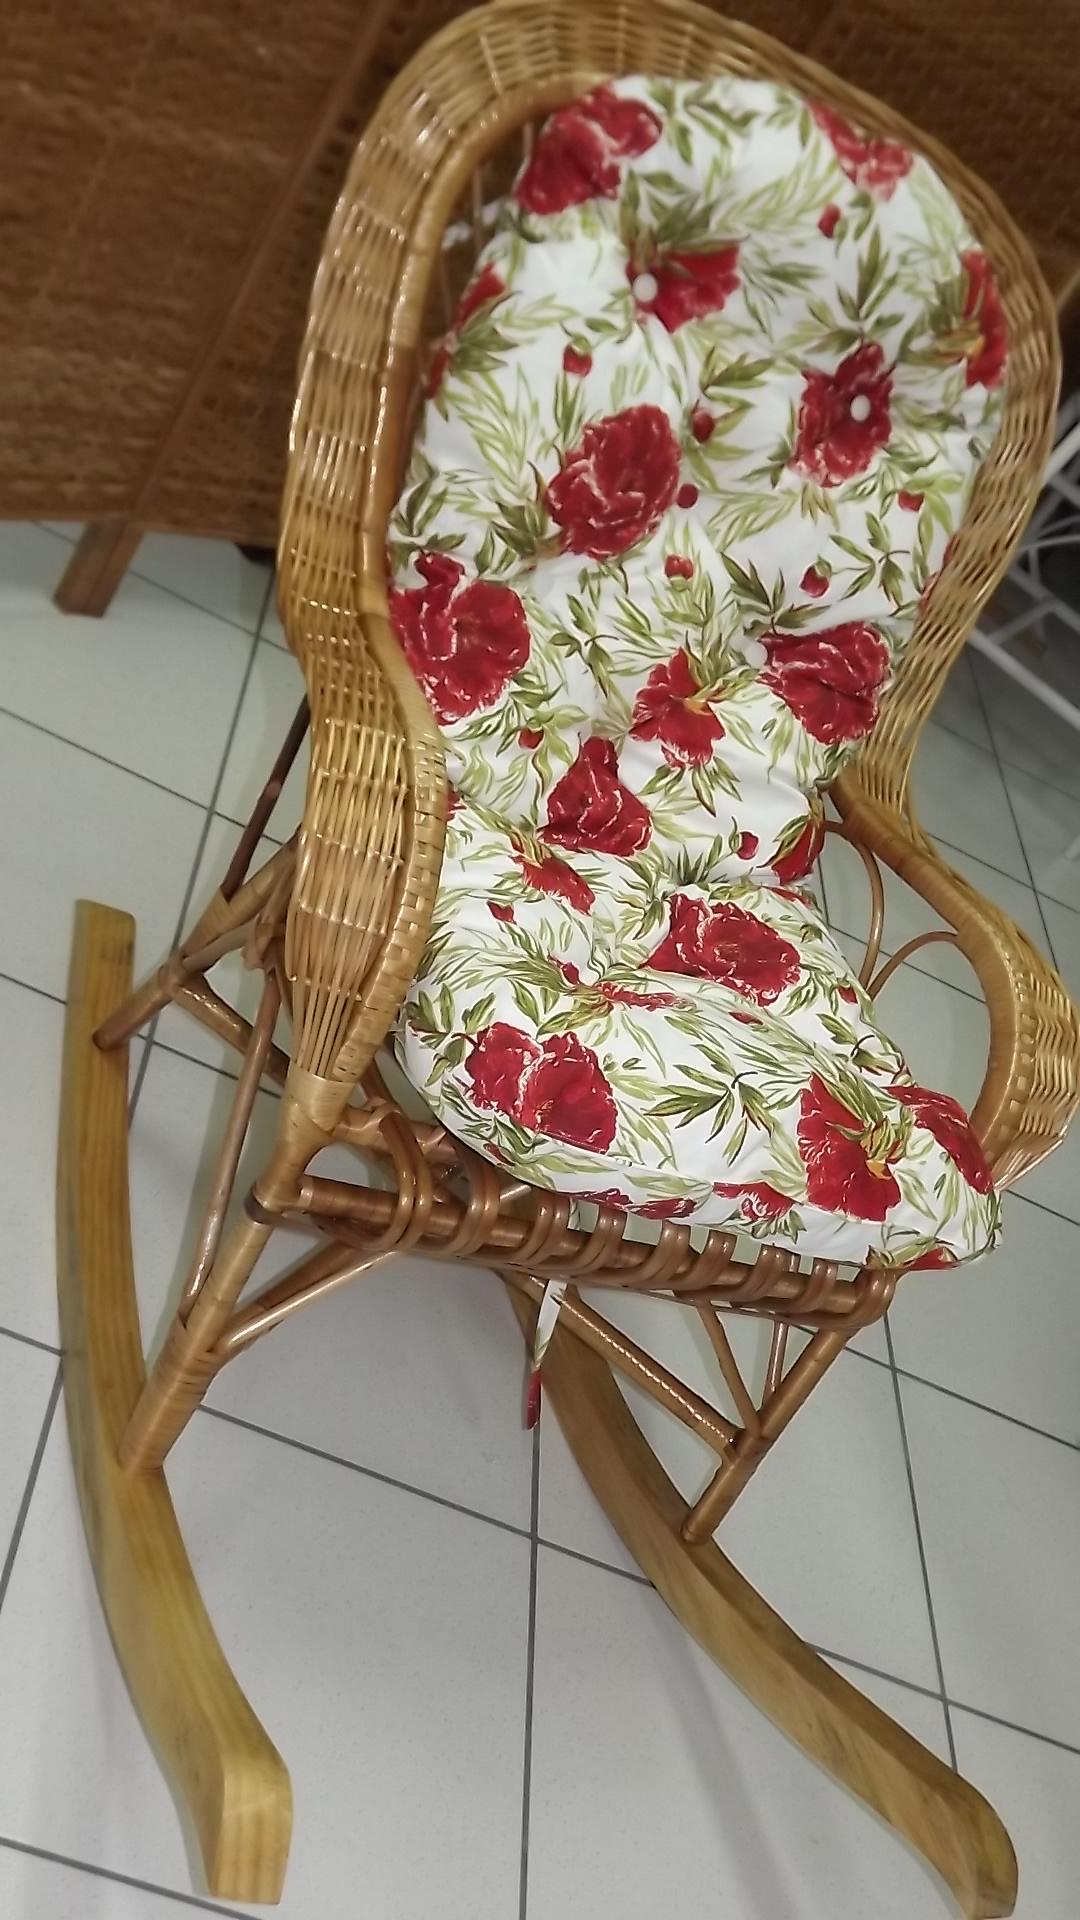 Almofada Cadeira de Balanço em Vime c/ Almofada Cadeira de Balanço #482E19 1080x1920